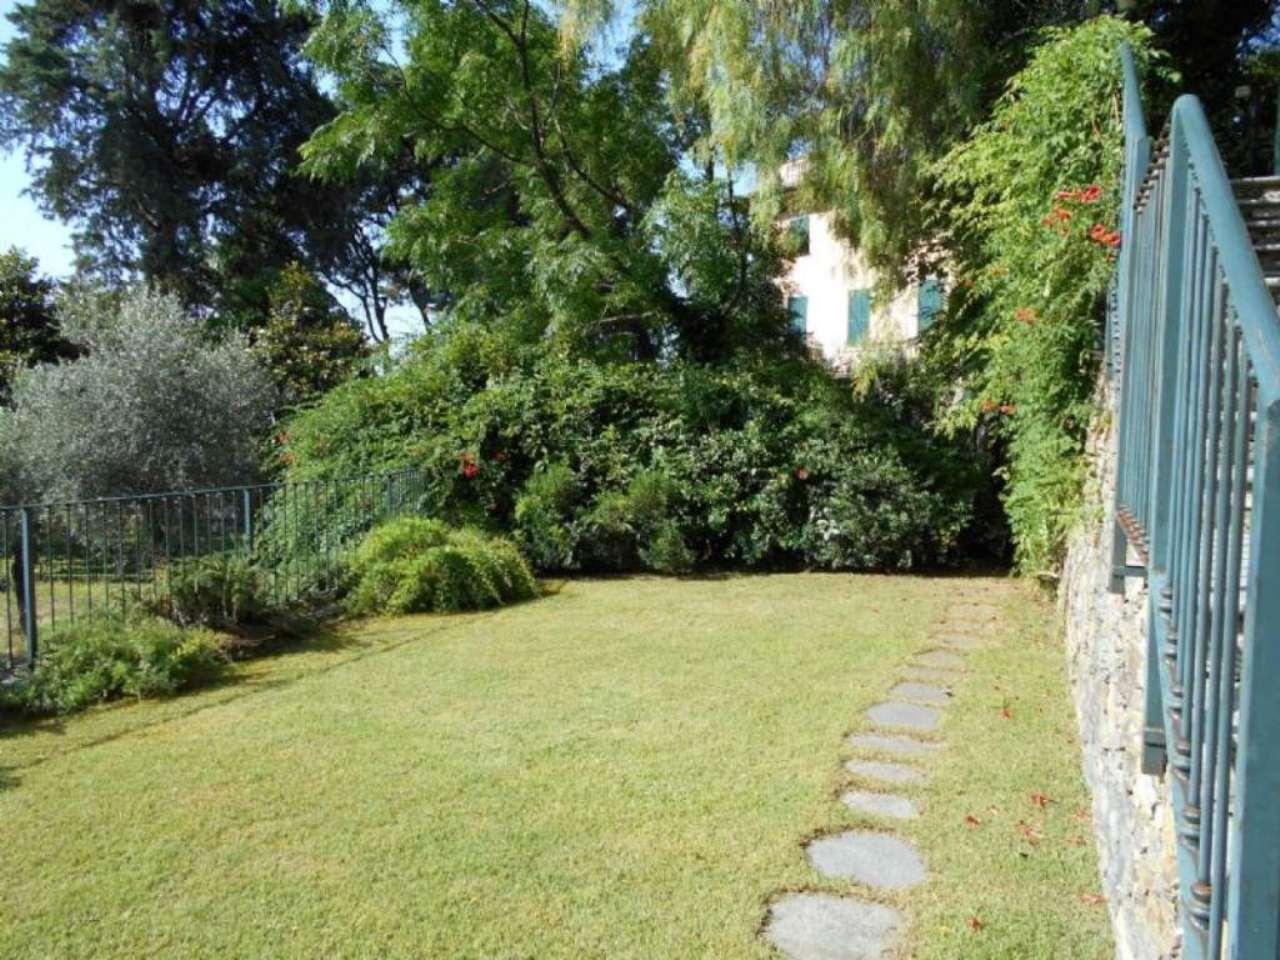 Attico / Mansarda in affitto a Pieve Ligure, 8 locali, prezzo € 2.500 | Cambio Casa.it